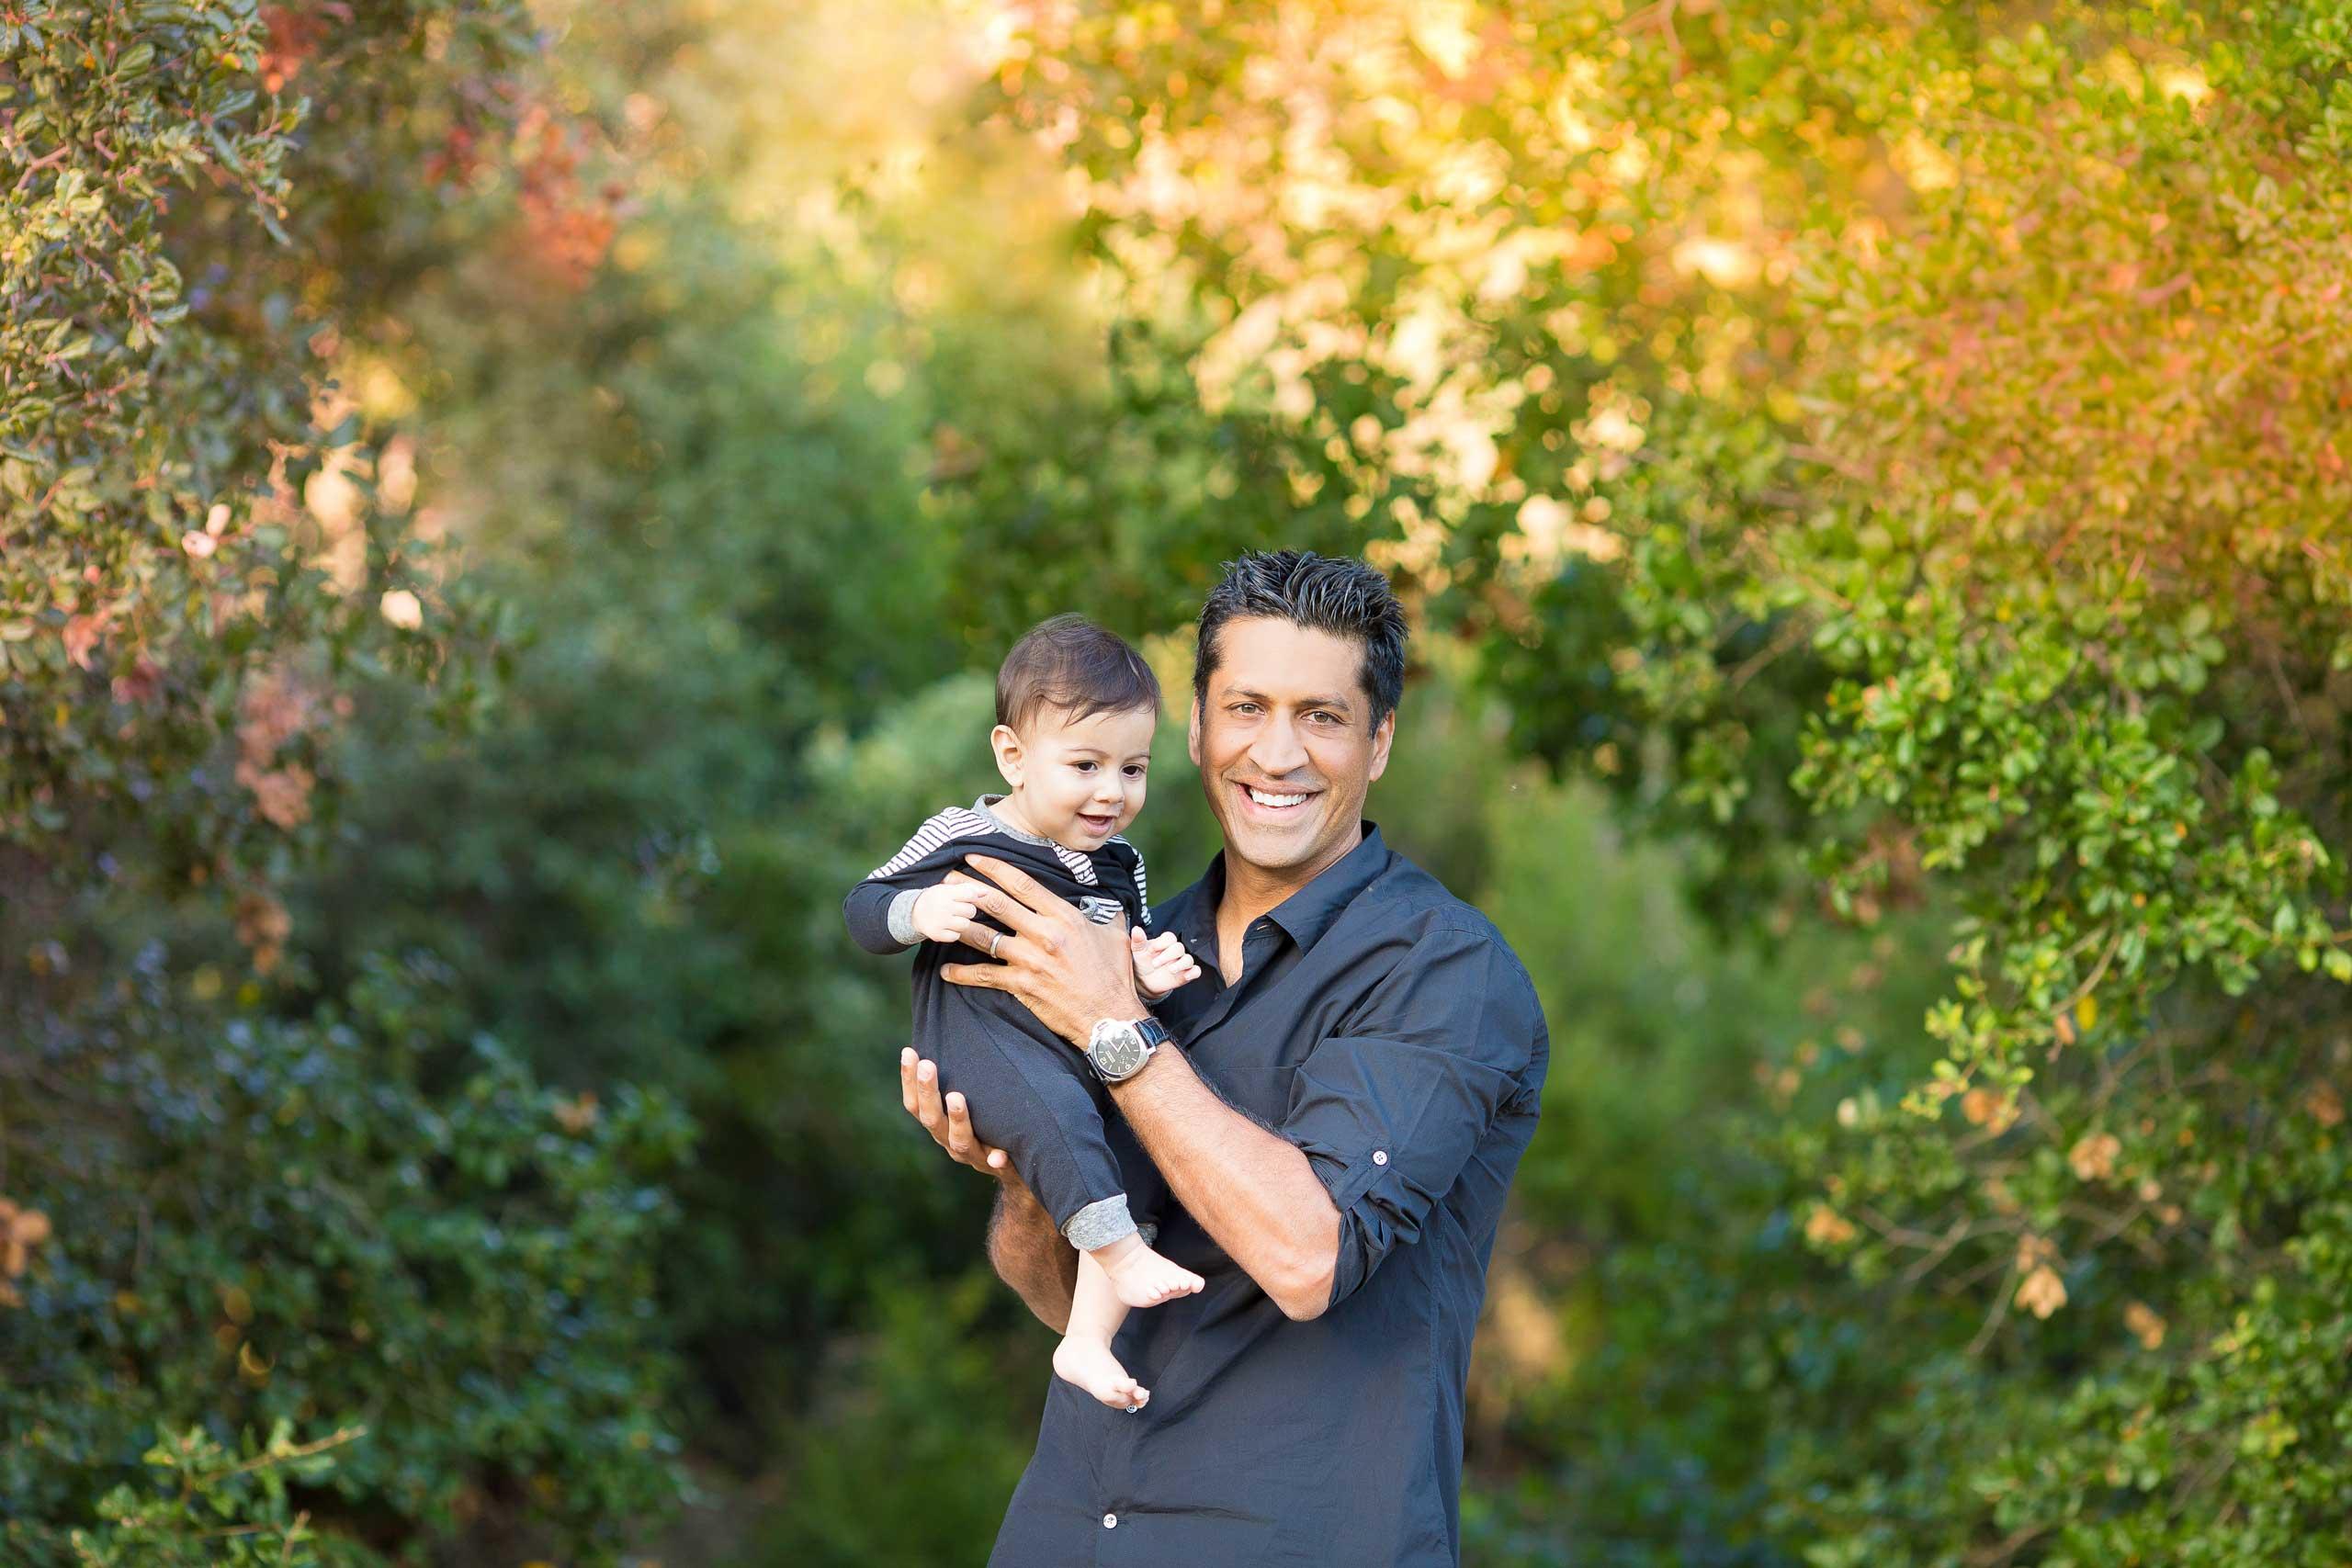 family photoshoot los angeles ramina magid